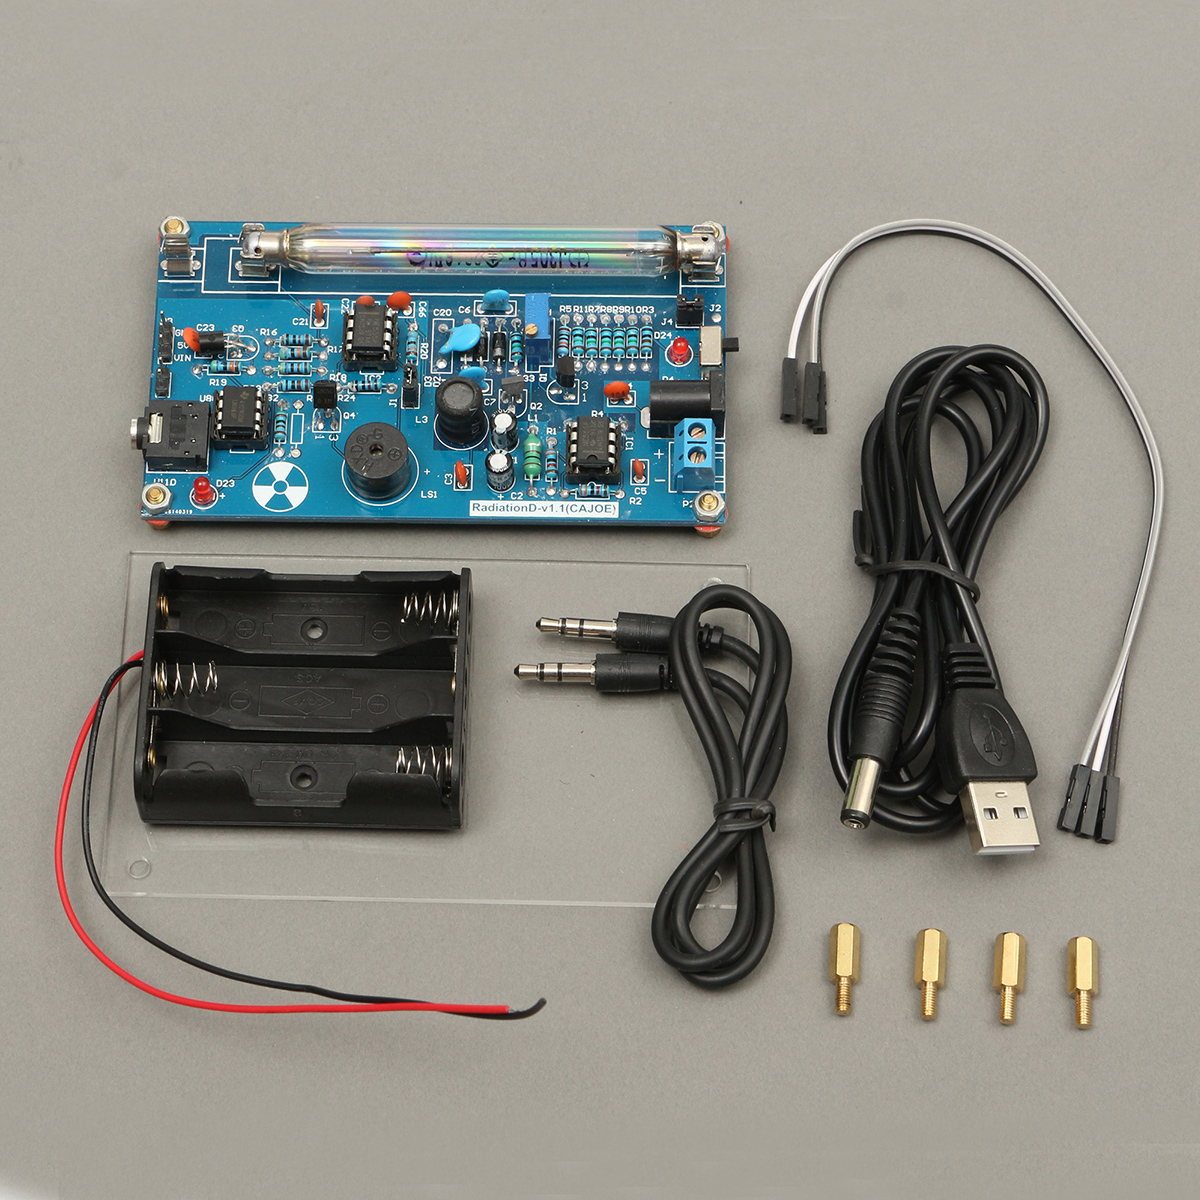 Detector de Radiação Estação de Monitoramento de Radiação Montado Faça Você Mesmo Geiger Contador Kit Nuclear Raios Gama Construir